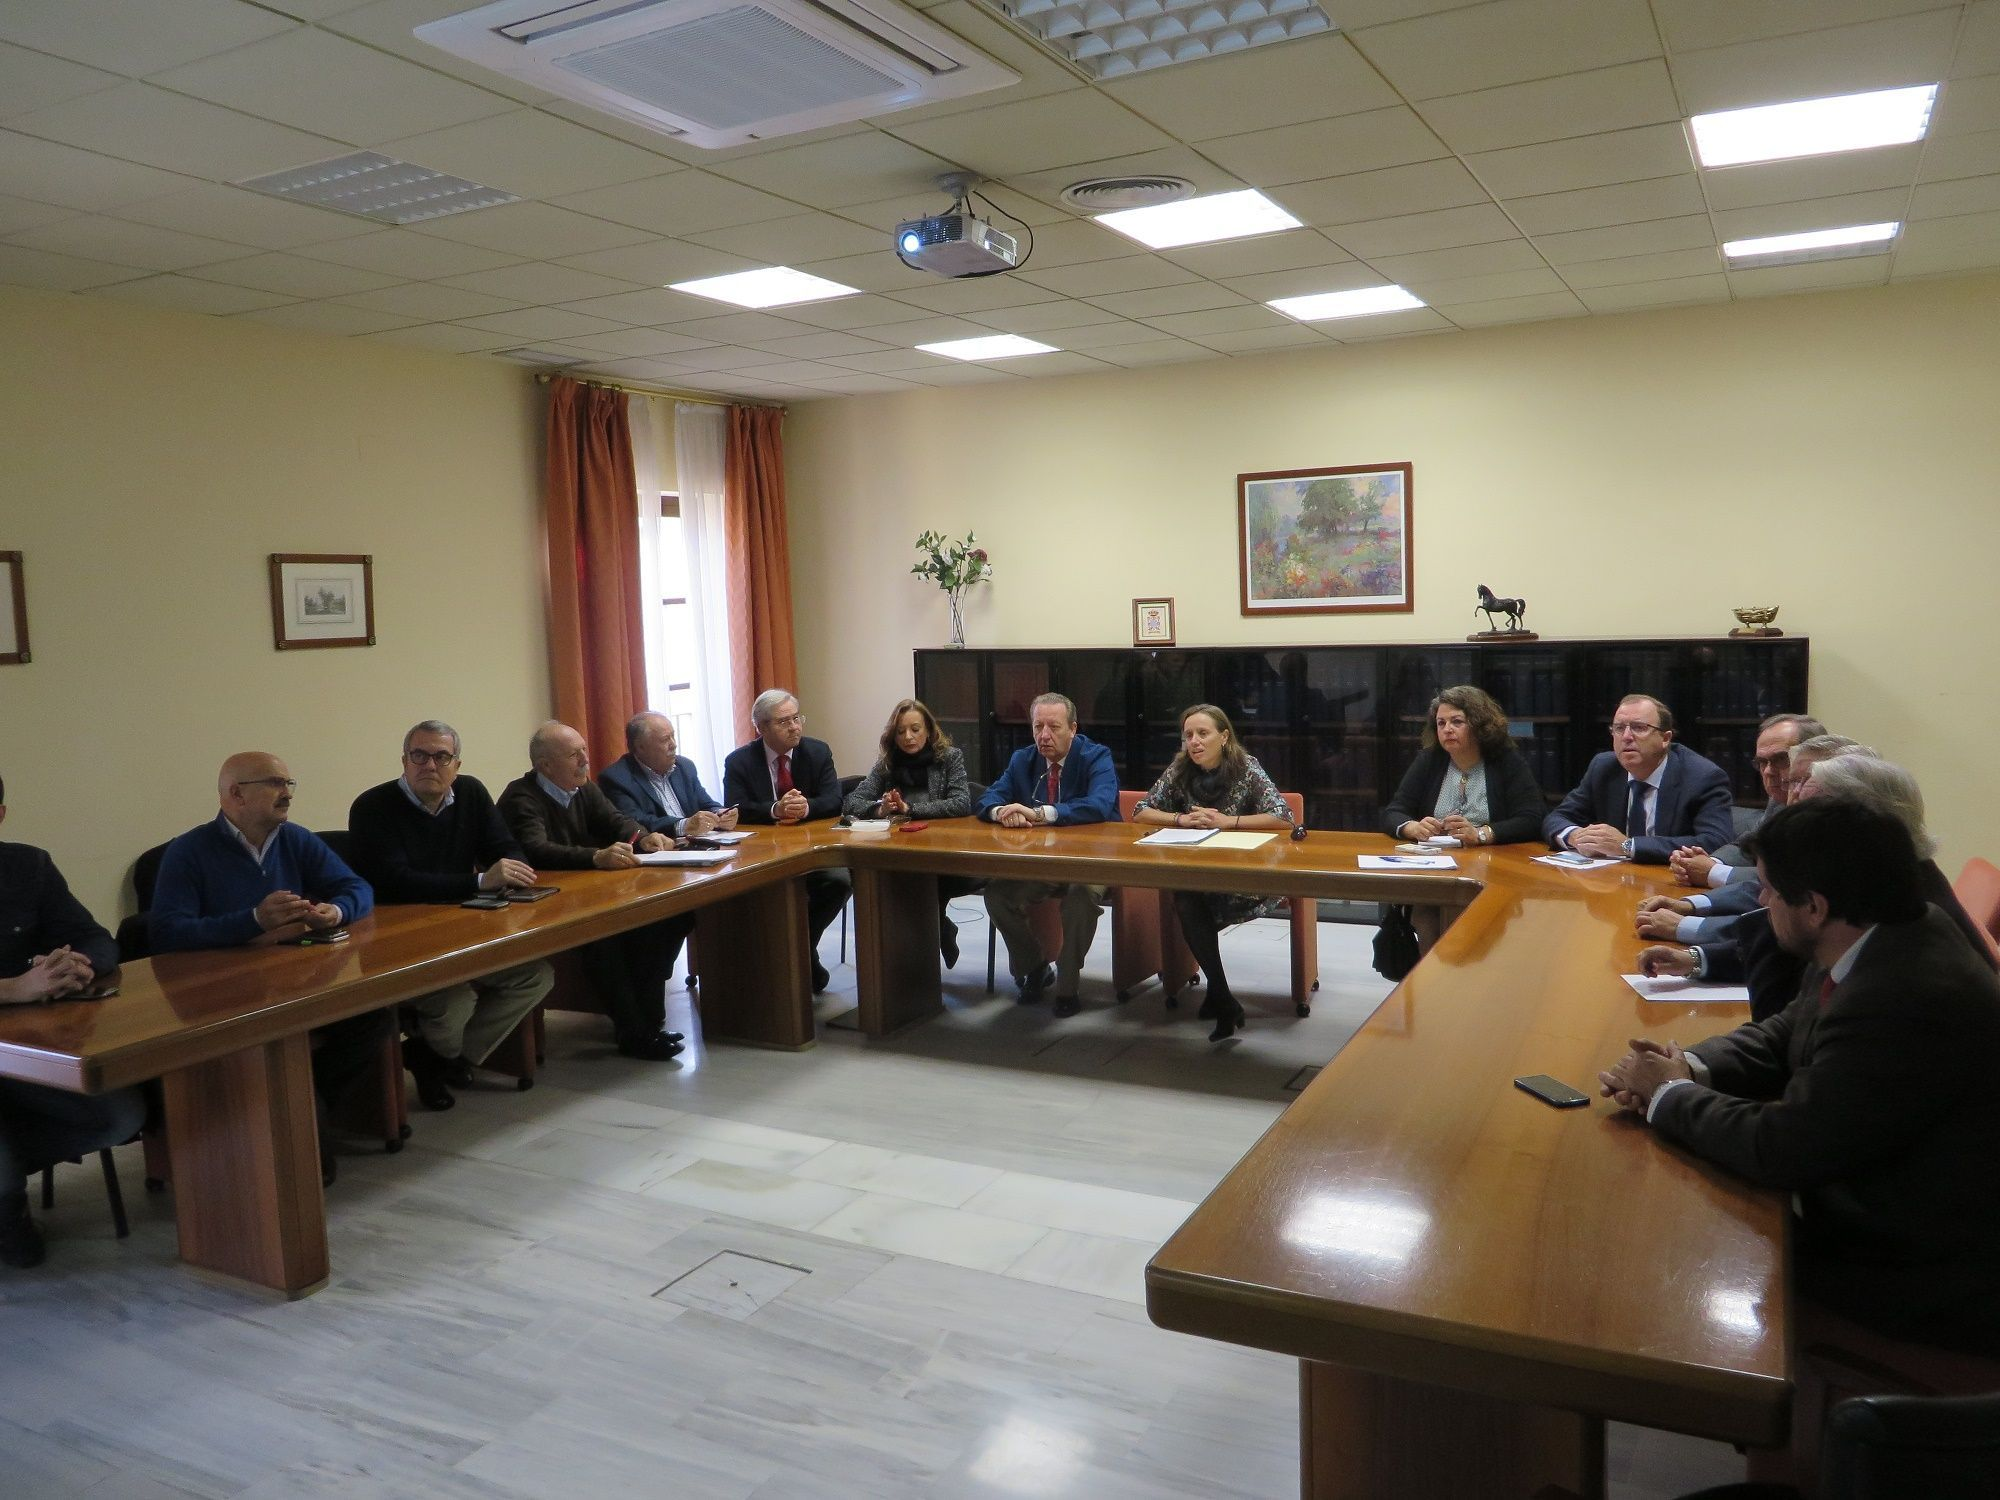 foto-Consejo Soc Portal Transp